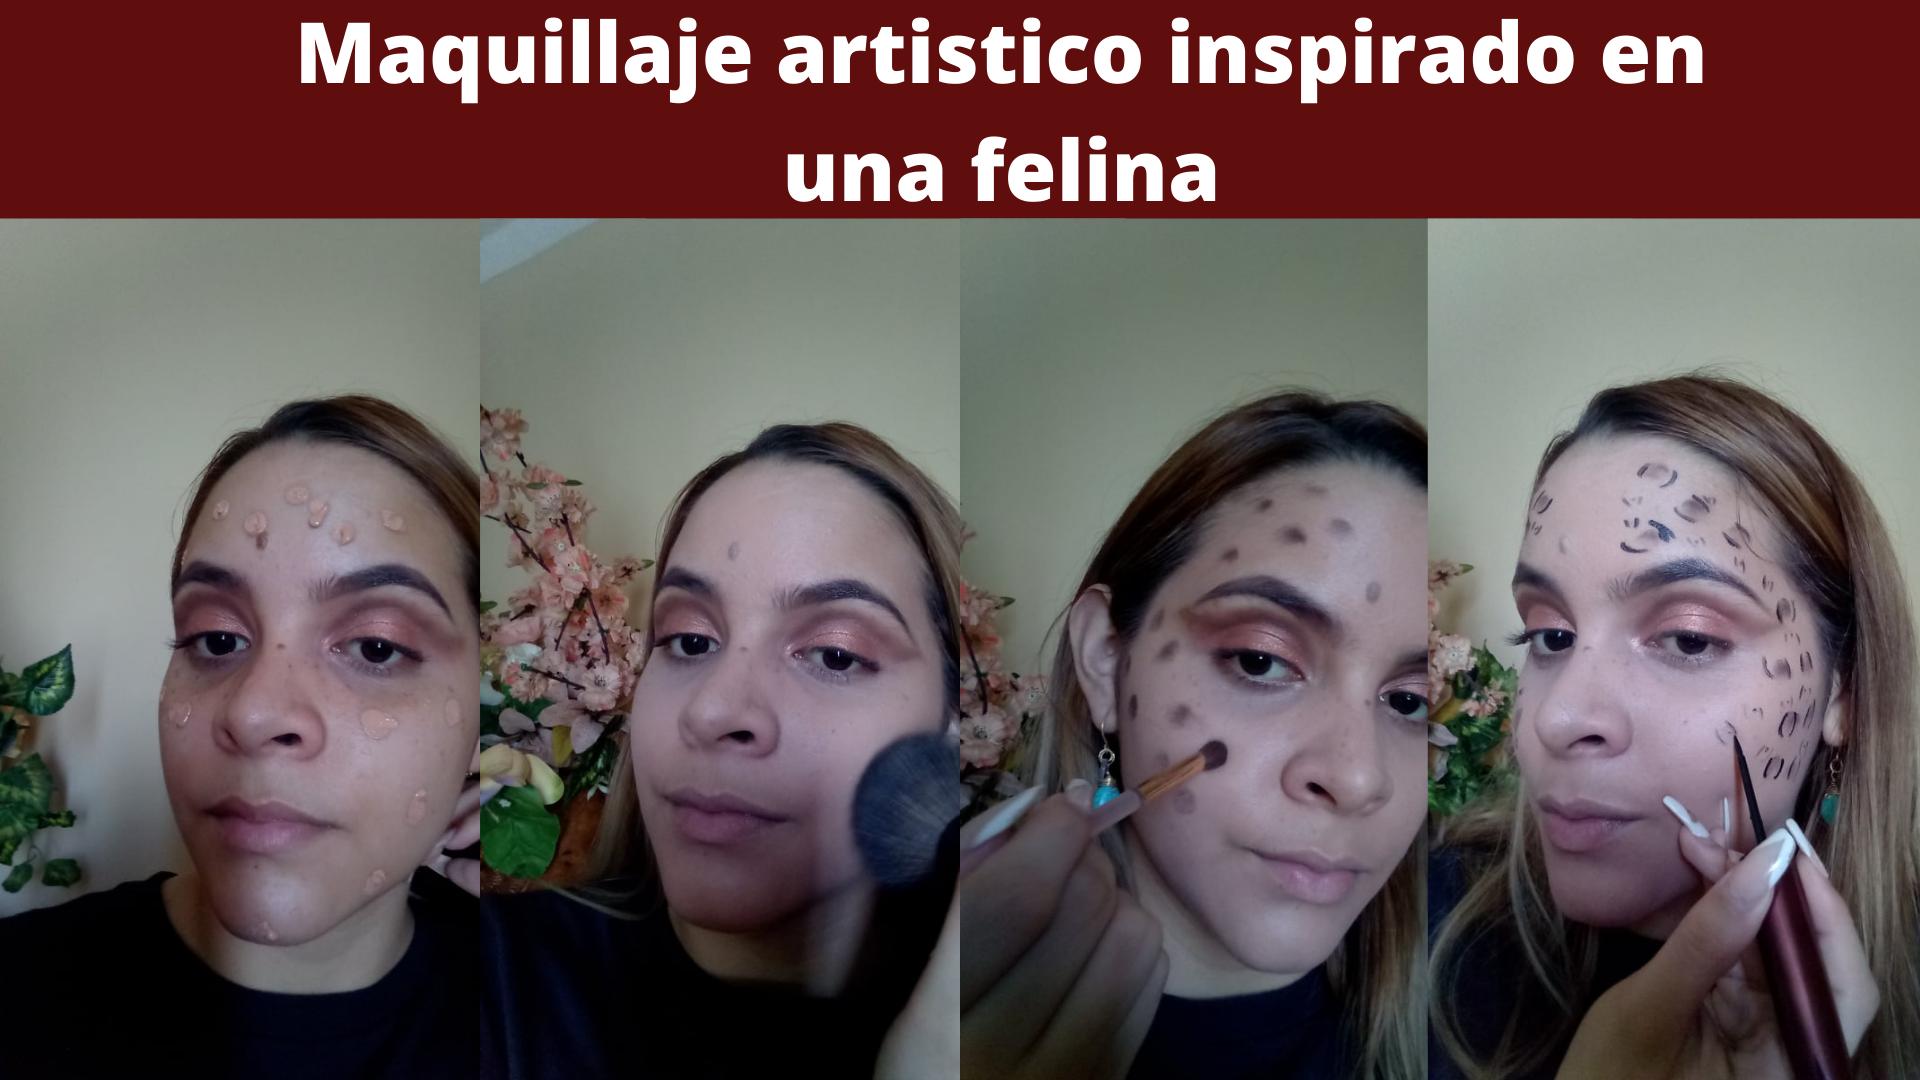 Maquillaje artistico inspirado en una felina (2).png